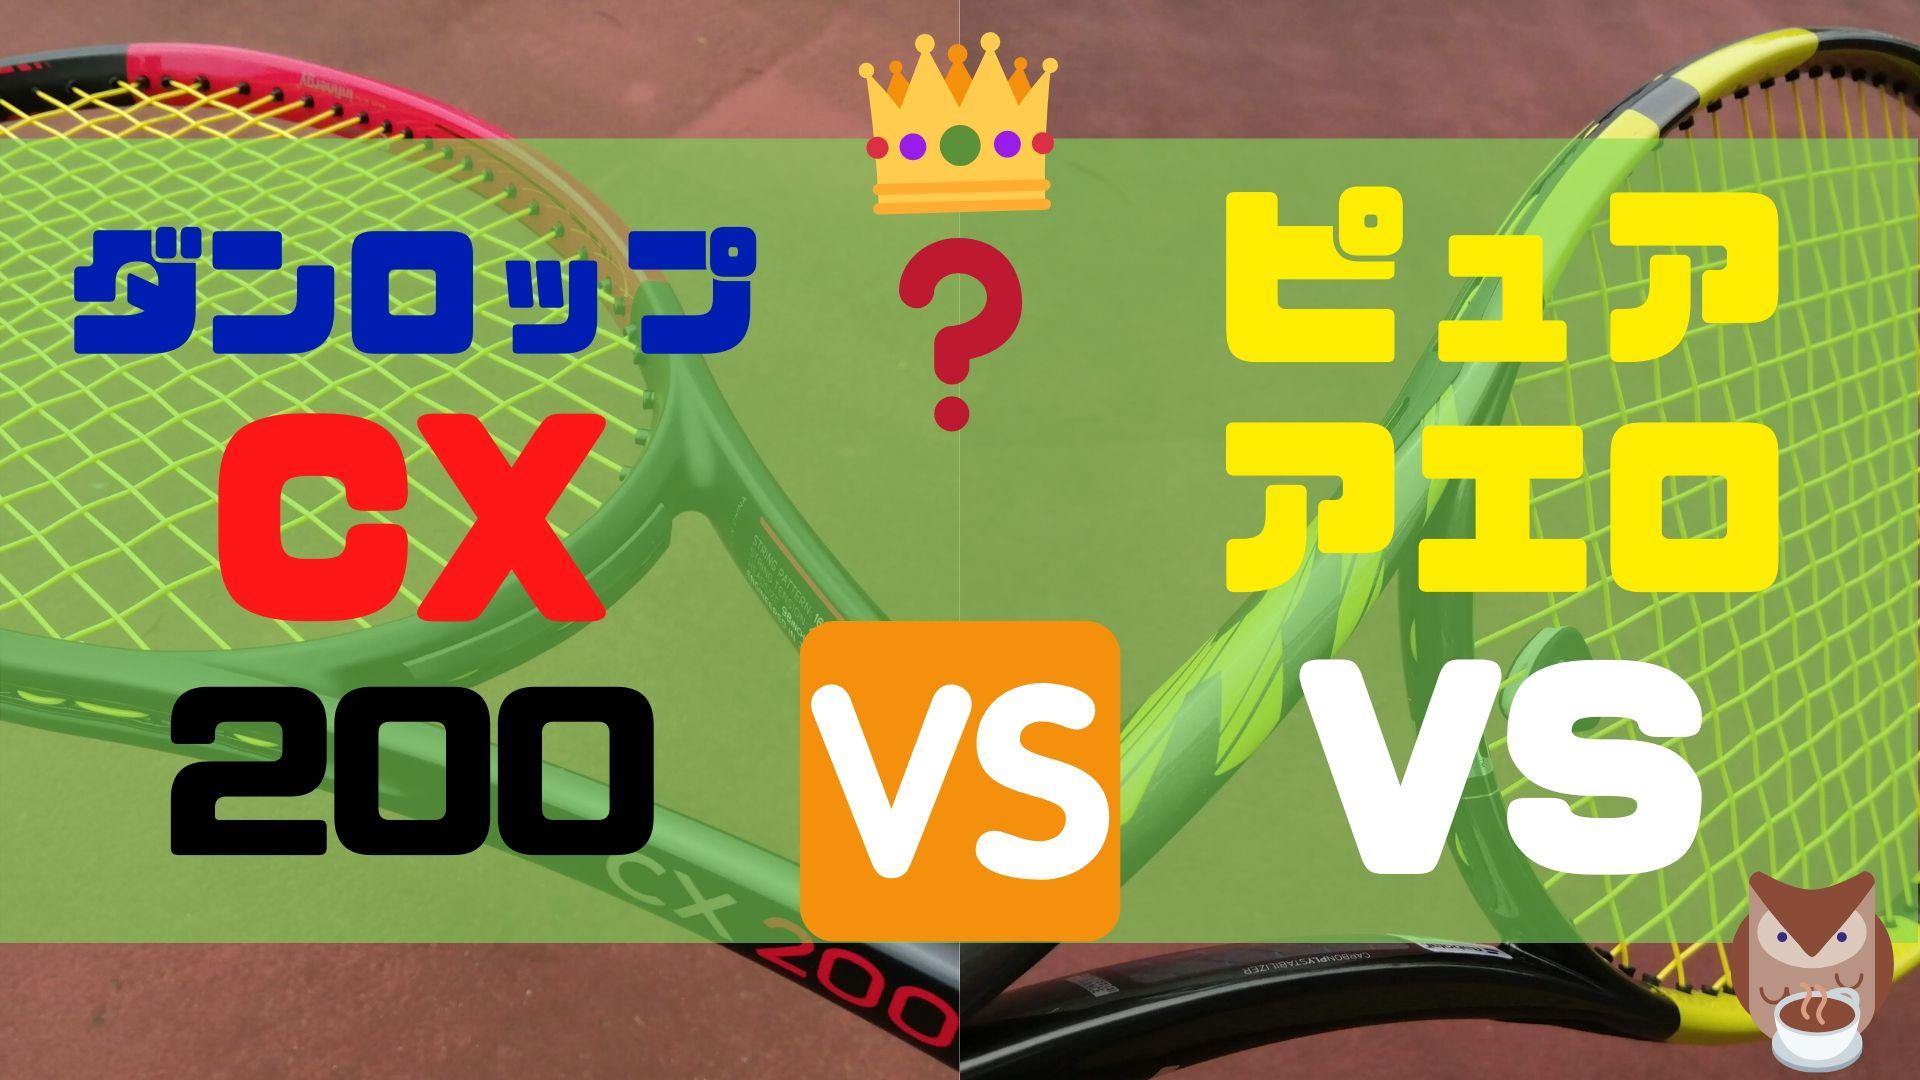 ダンロップ CX200 vs. バボラ ピュアアエロVS【インプレ比較】